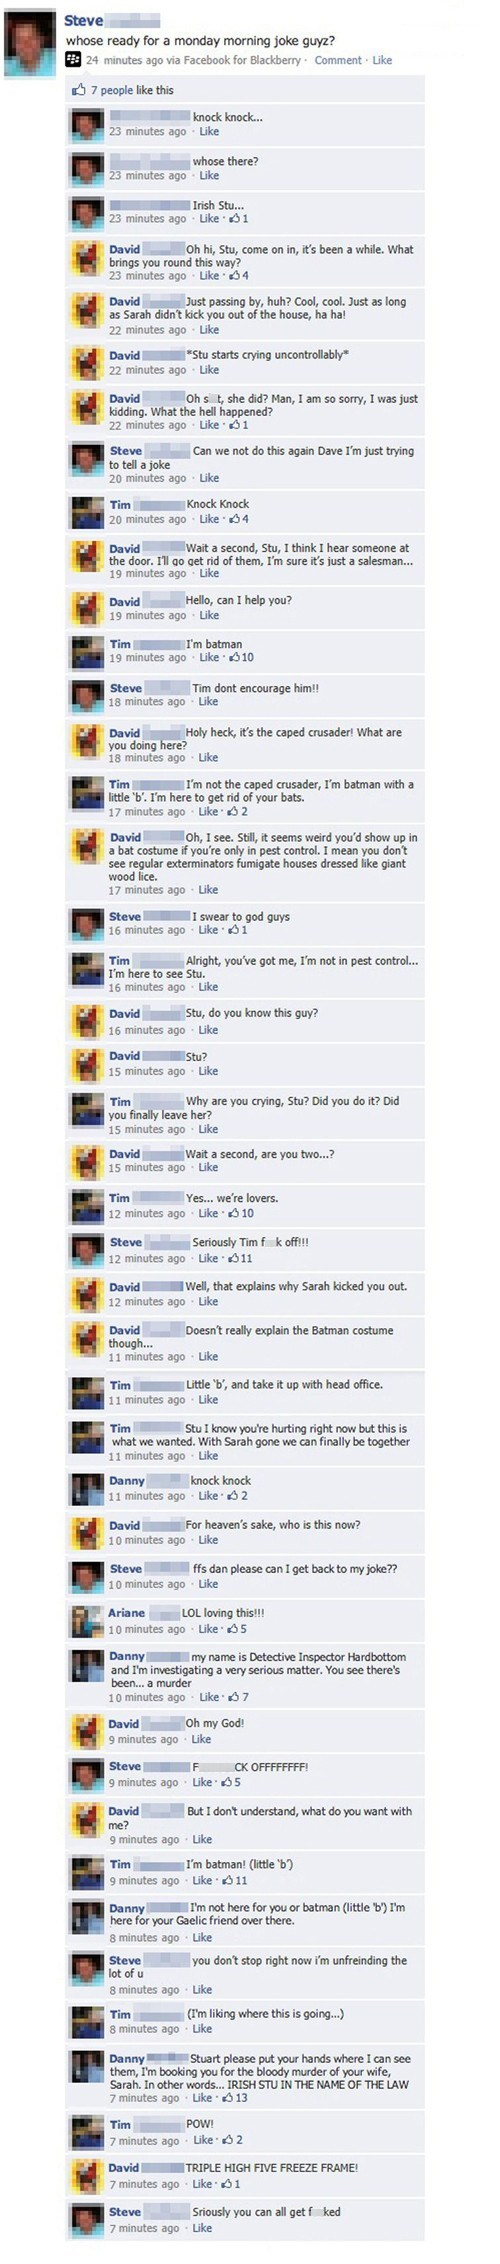 jokes trolling knock knock joke failbook - 7579798272